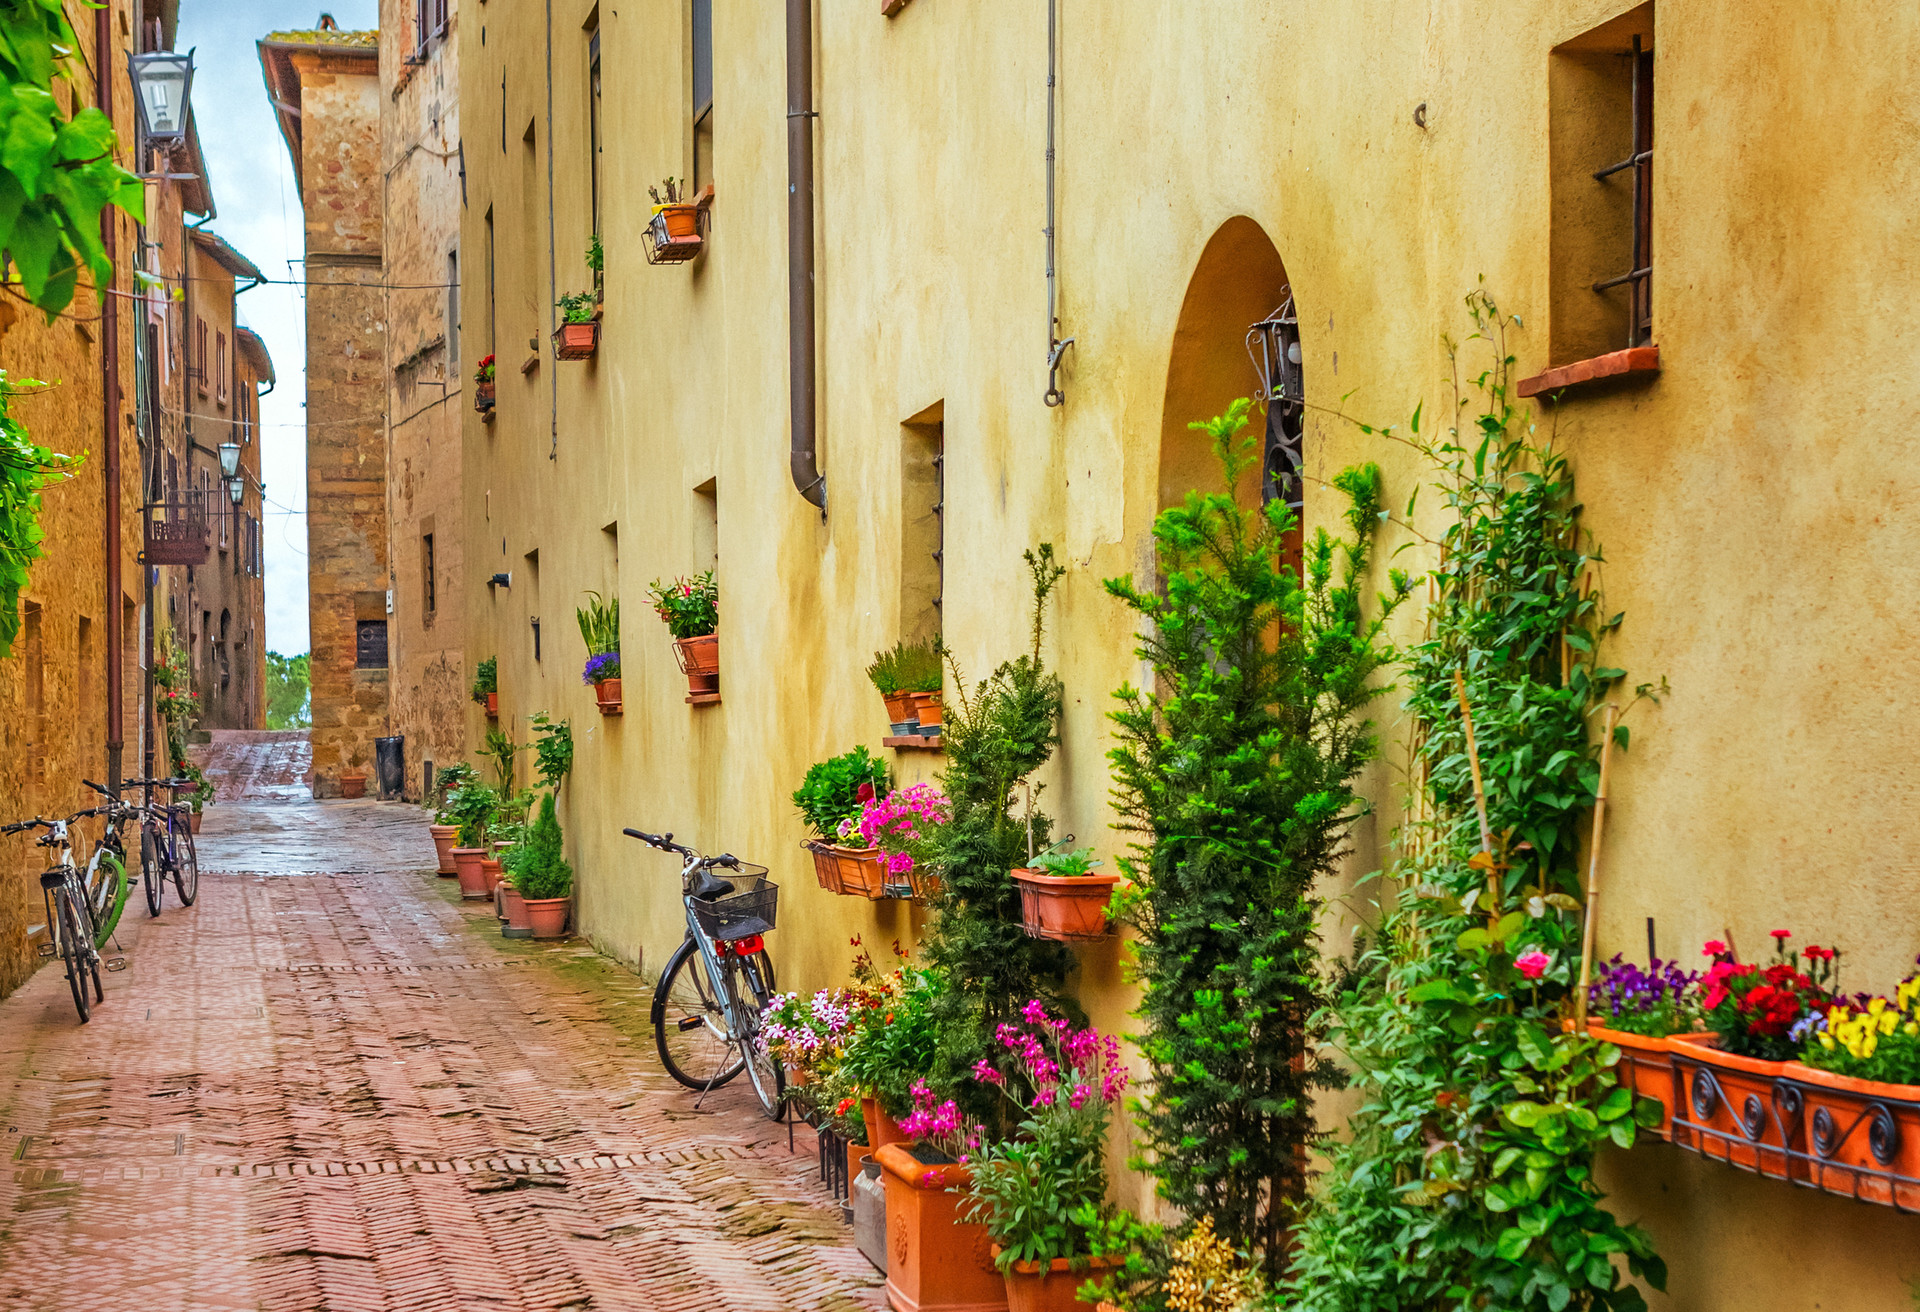 Découvrez Pienza, ville phare de la Renaissance